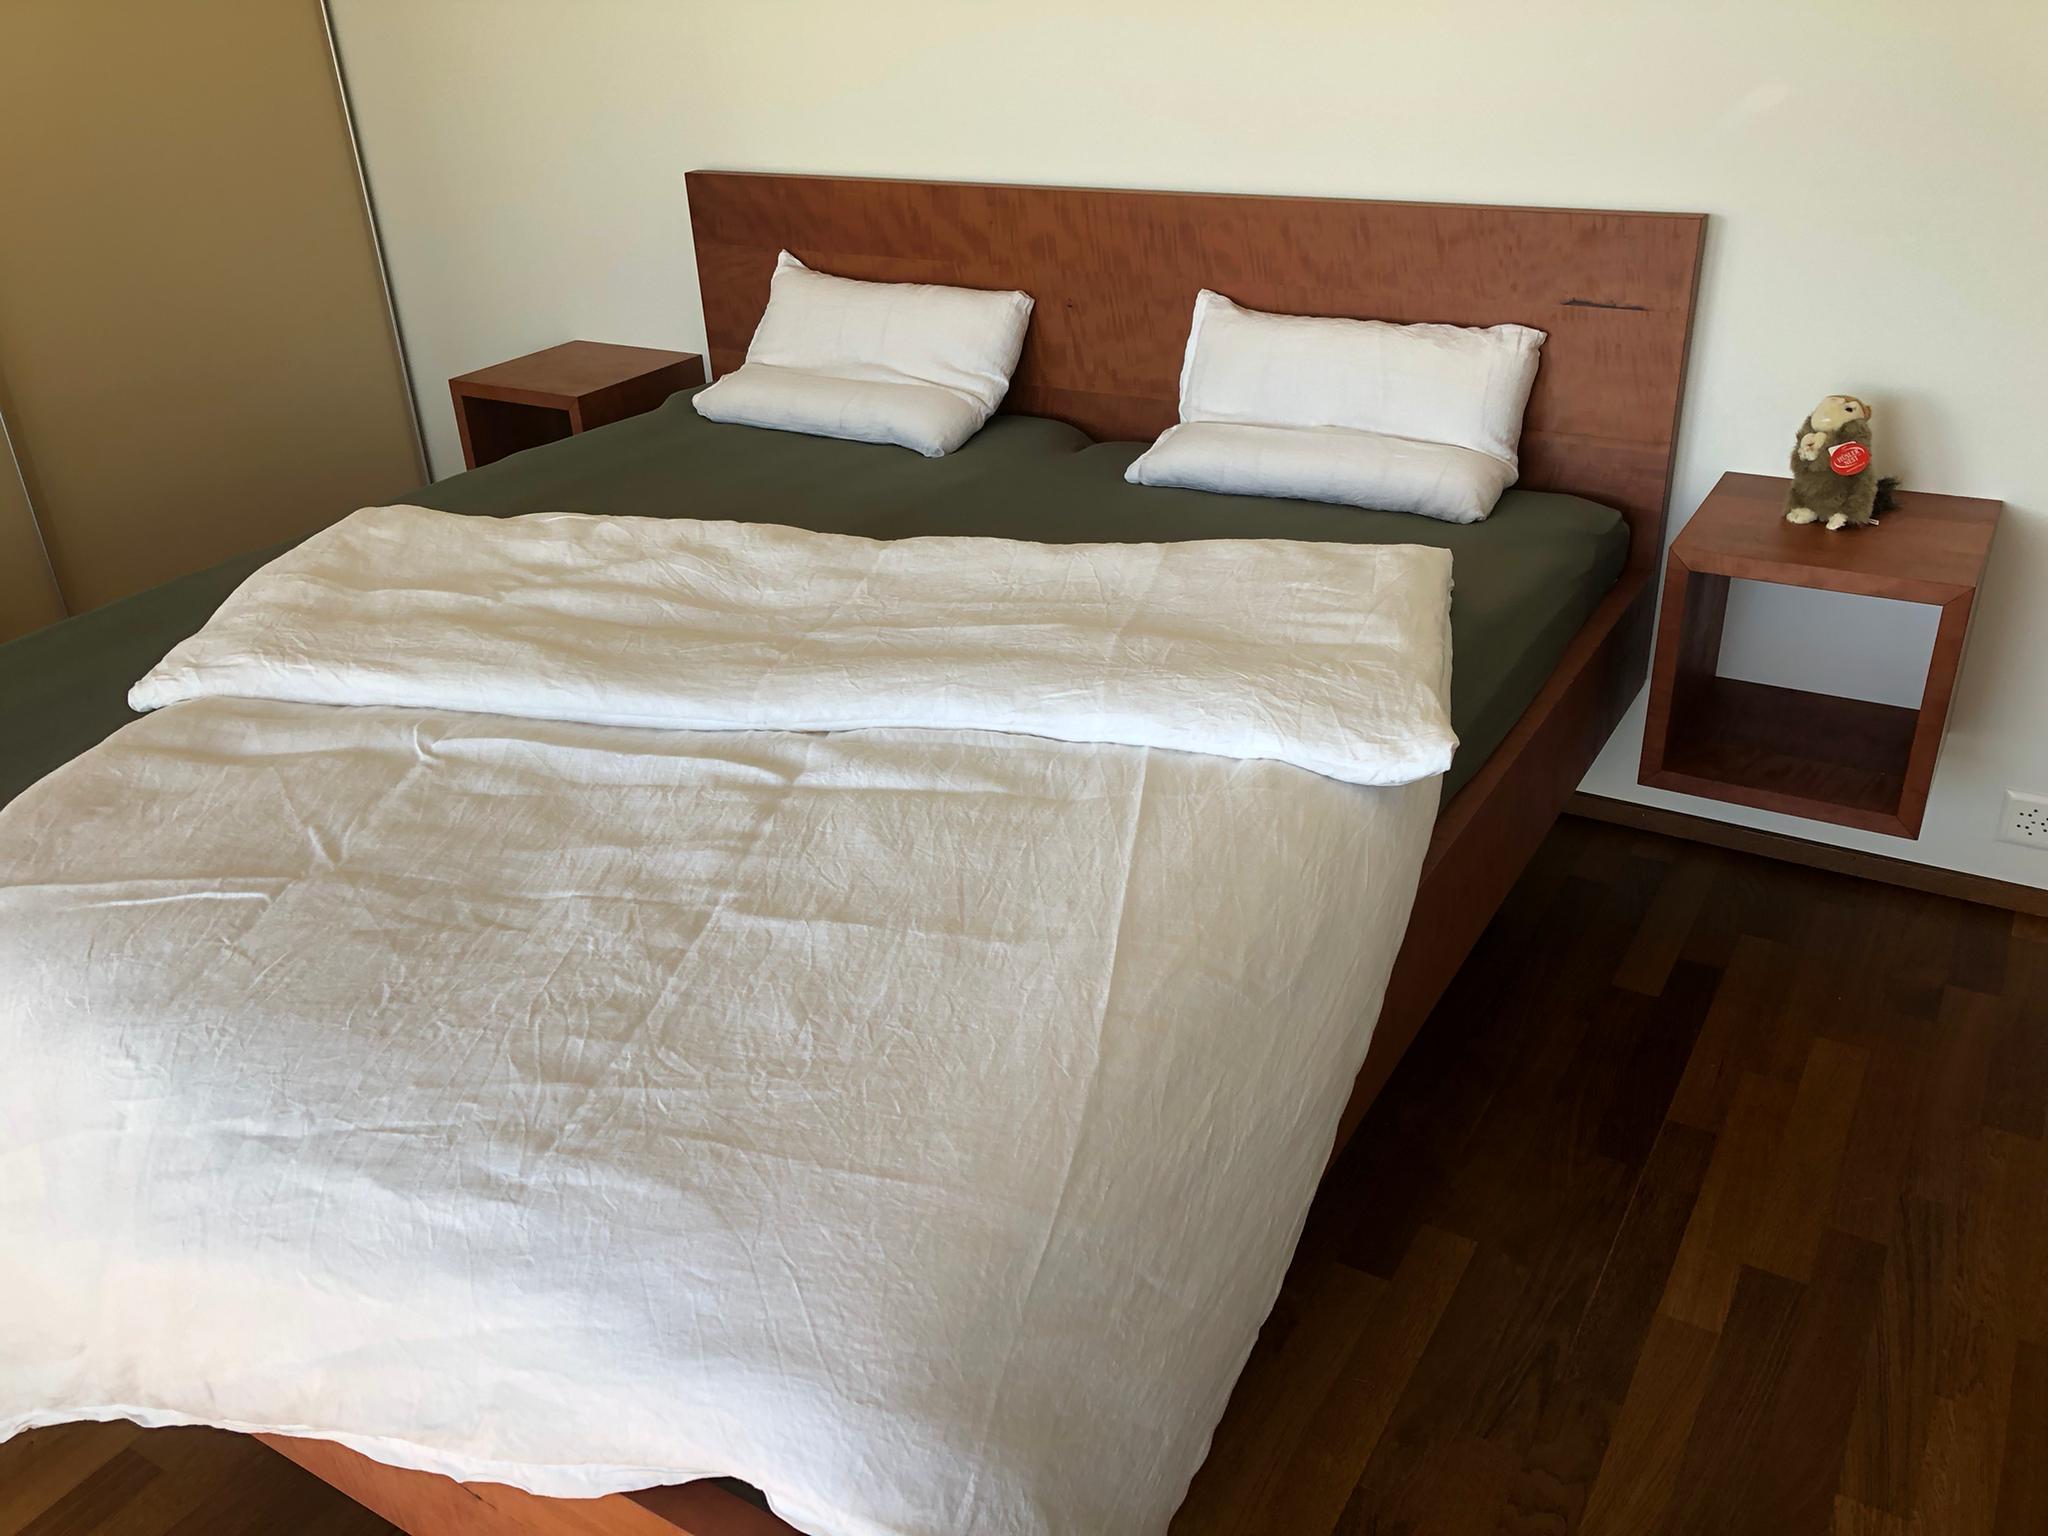 Birnen Holz Bett auf Gehrung gearbeitet